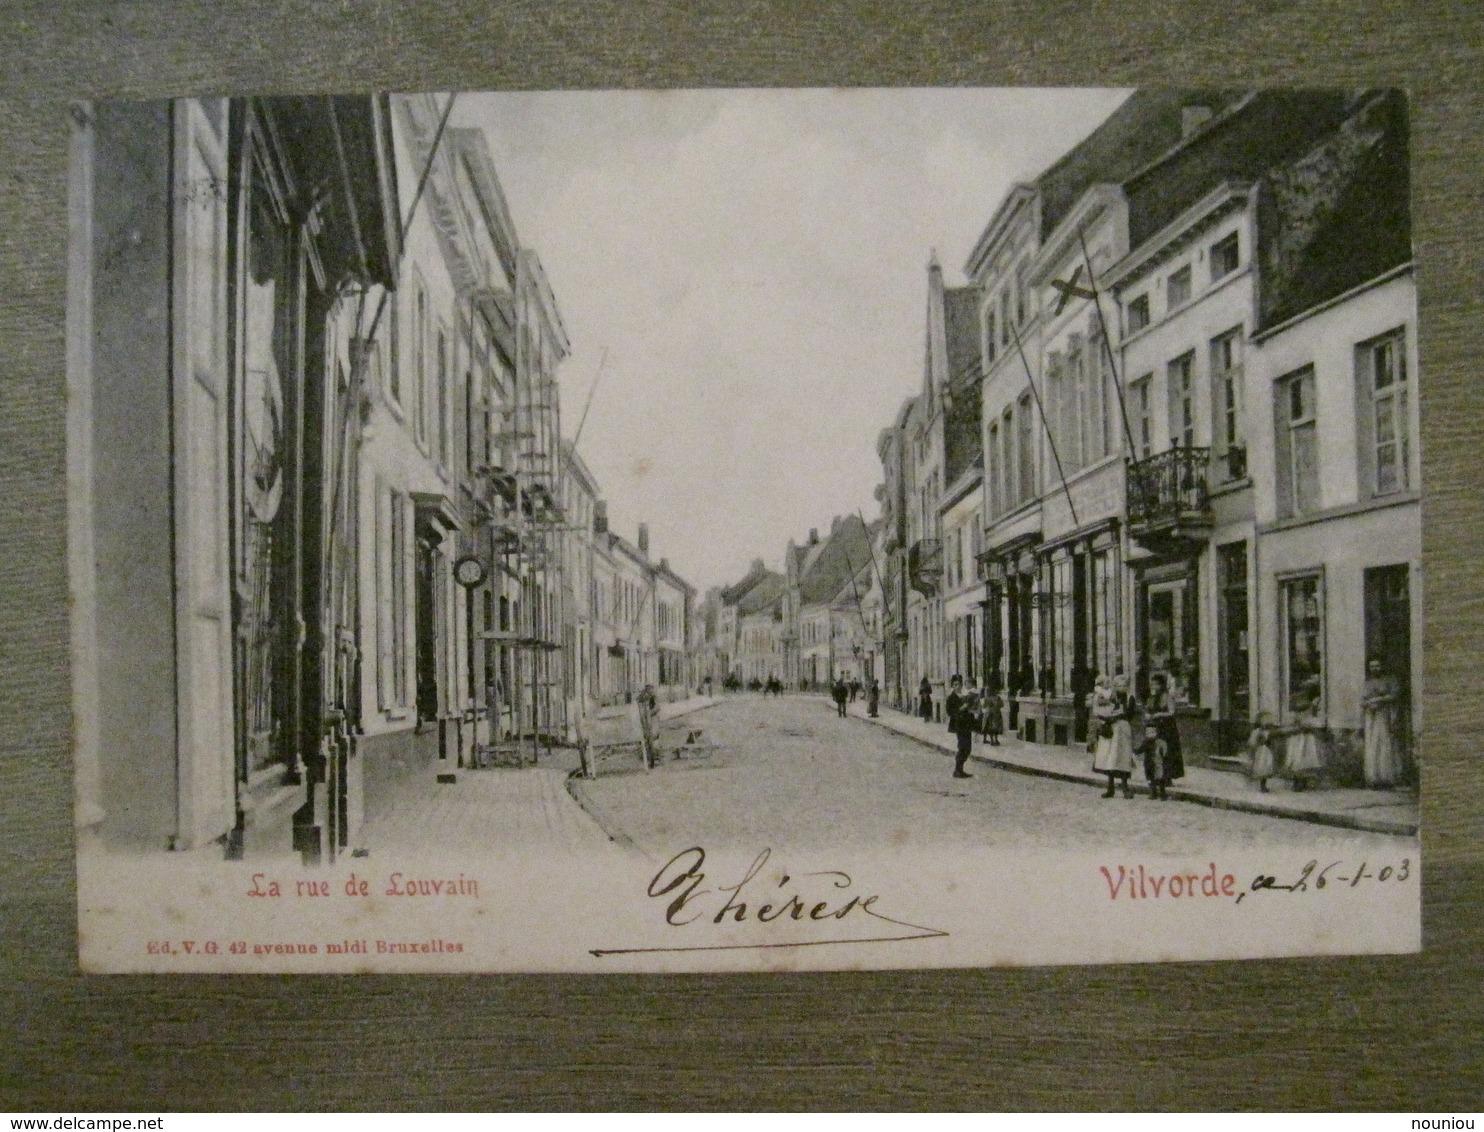 Cpa Ancienne Vilvorde Vilvoorde - La Rue De Louvain - Edition VG 42 Avenue Du Midi Bruxelles - Vilvoorde